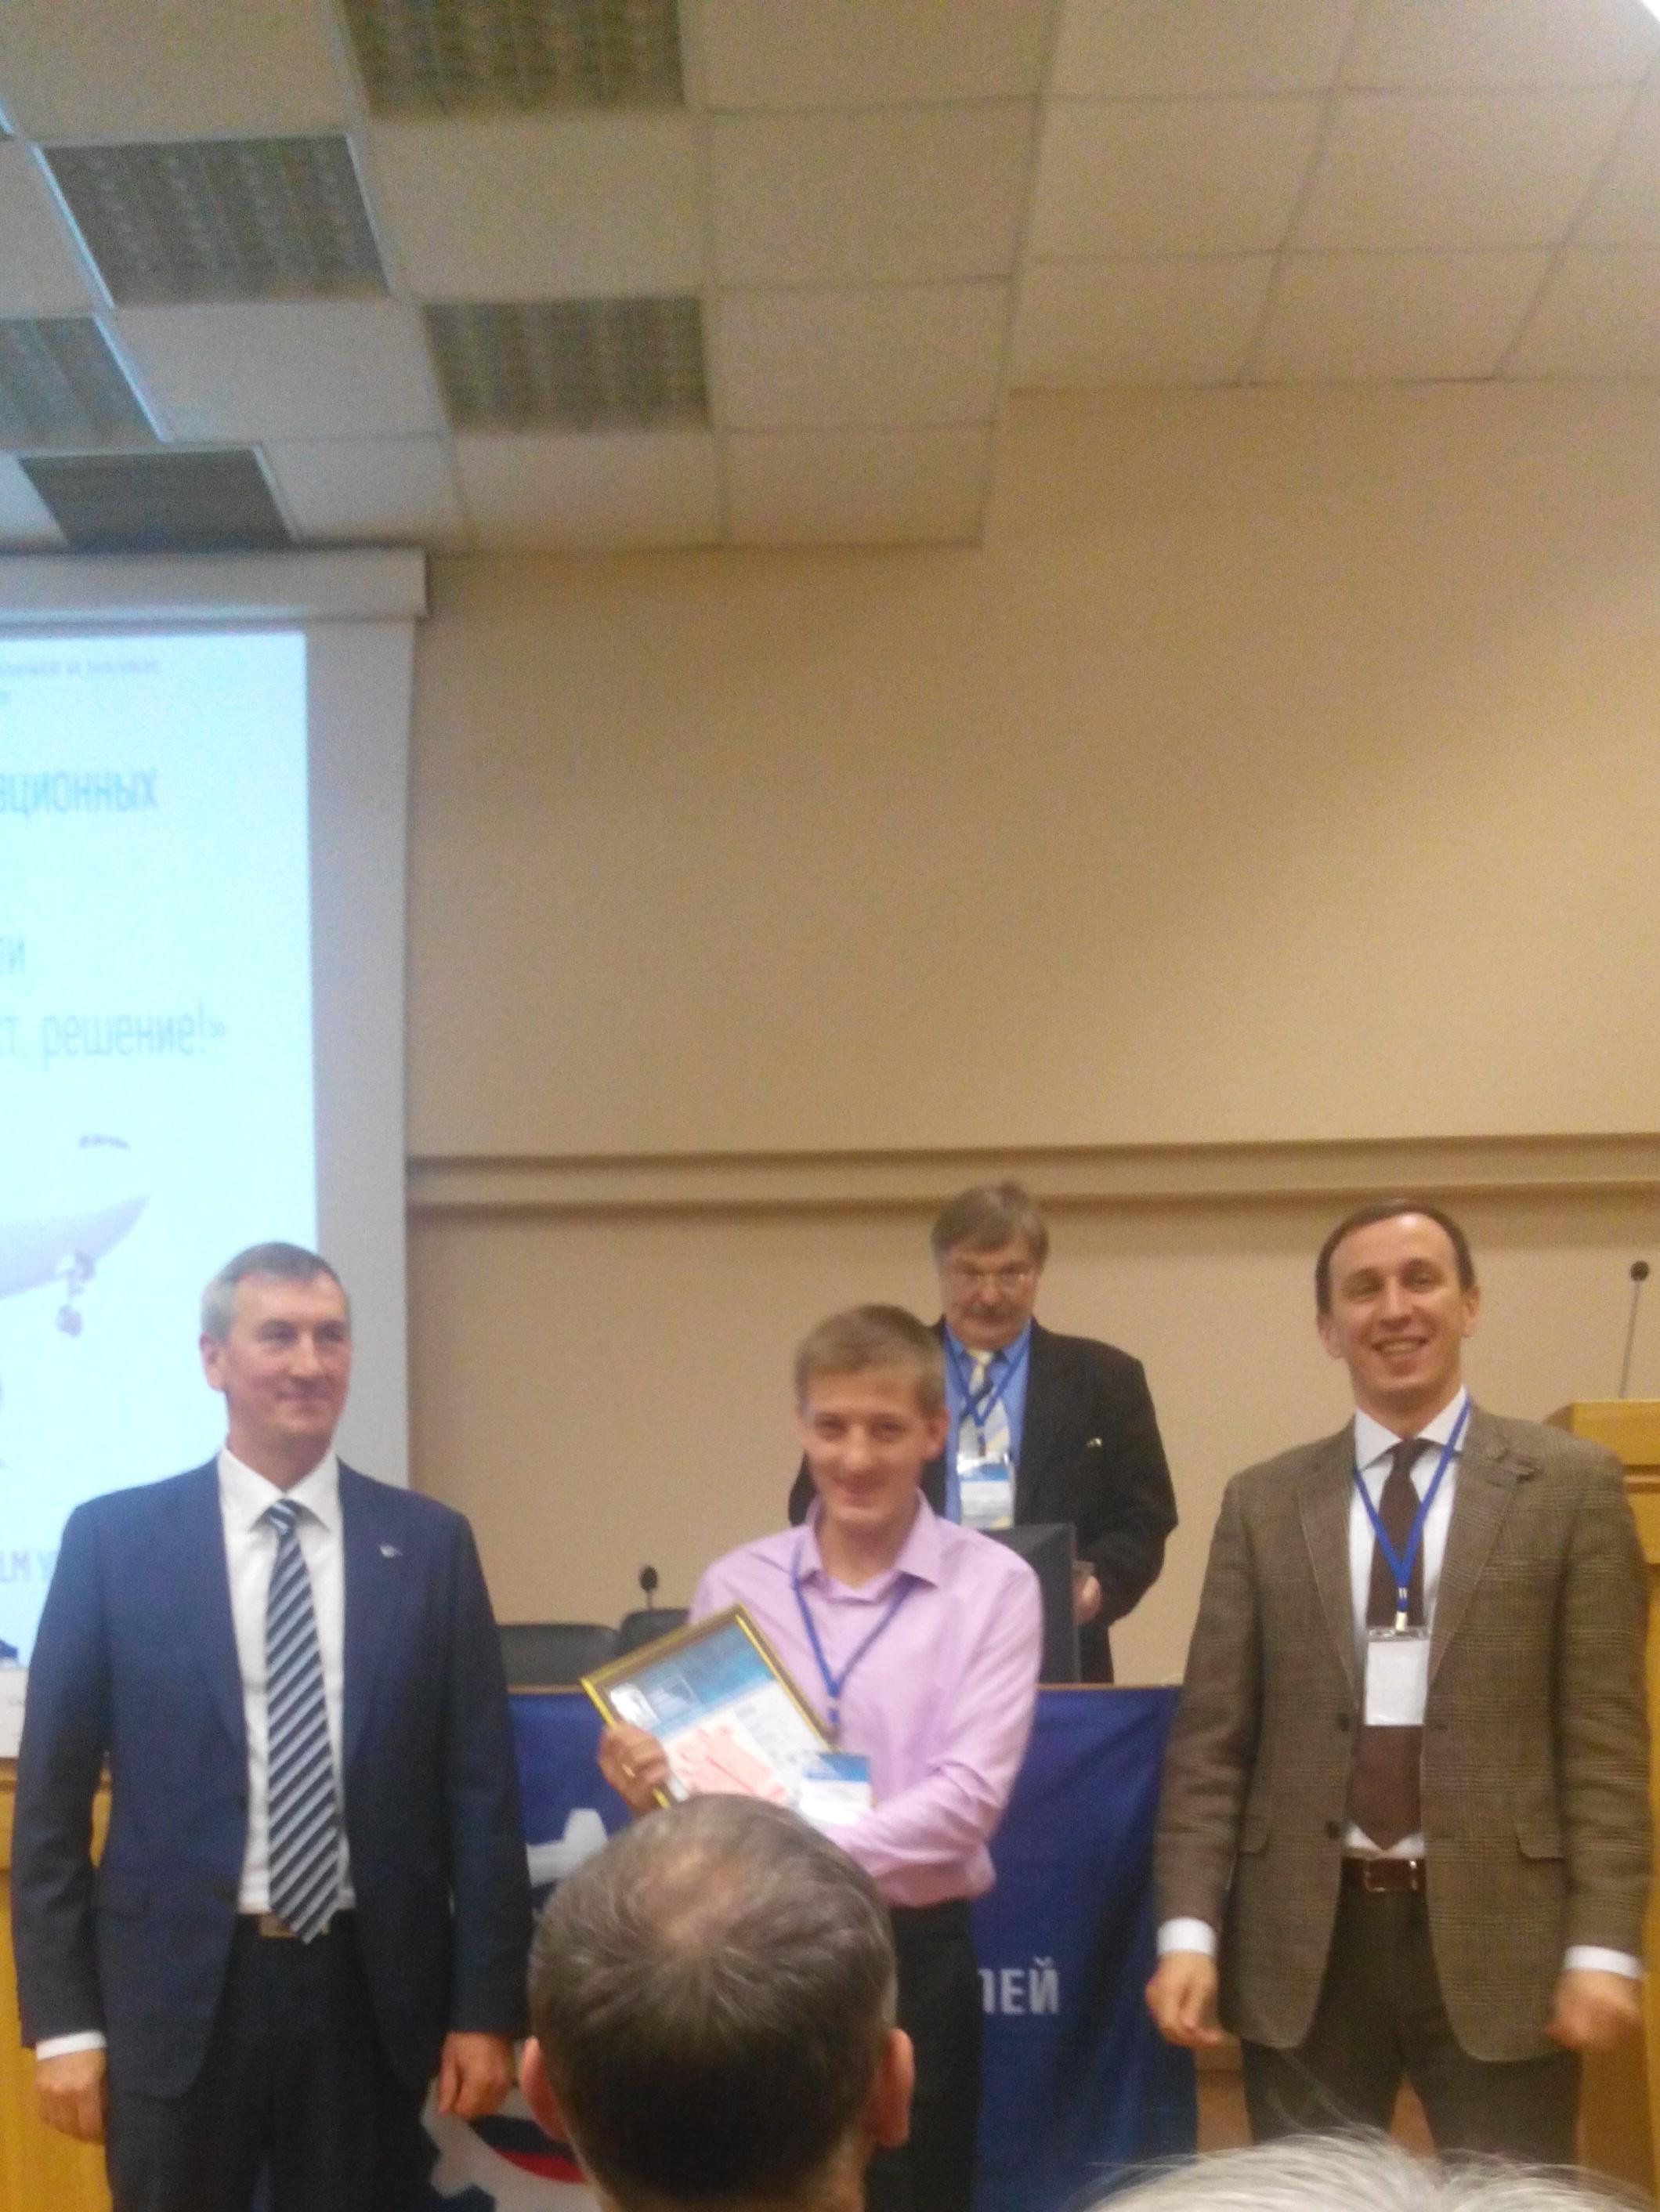 ТУСУР победил воВсероссийском инновационном конкурсе «IT AVIA – идея, проект, решение!»